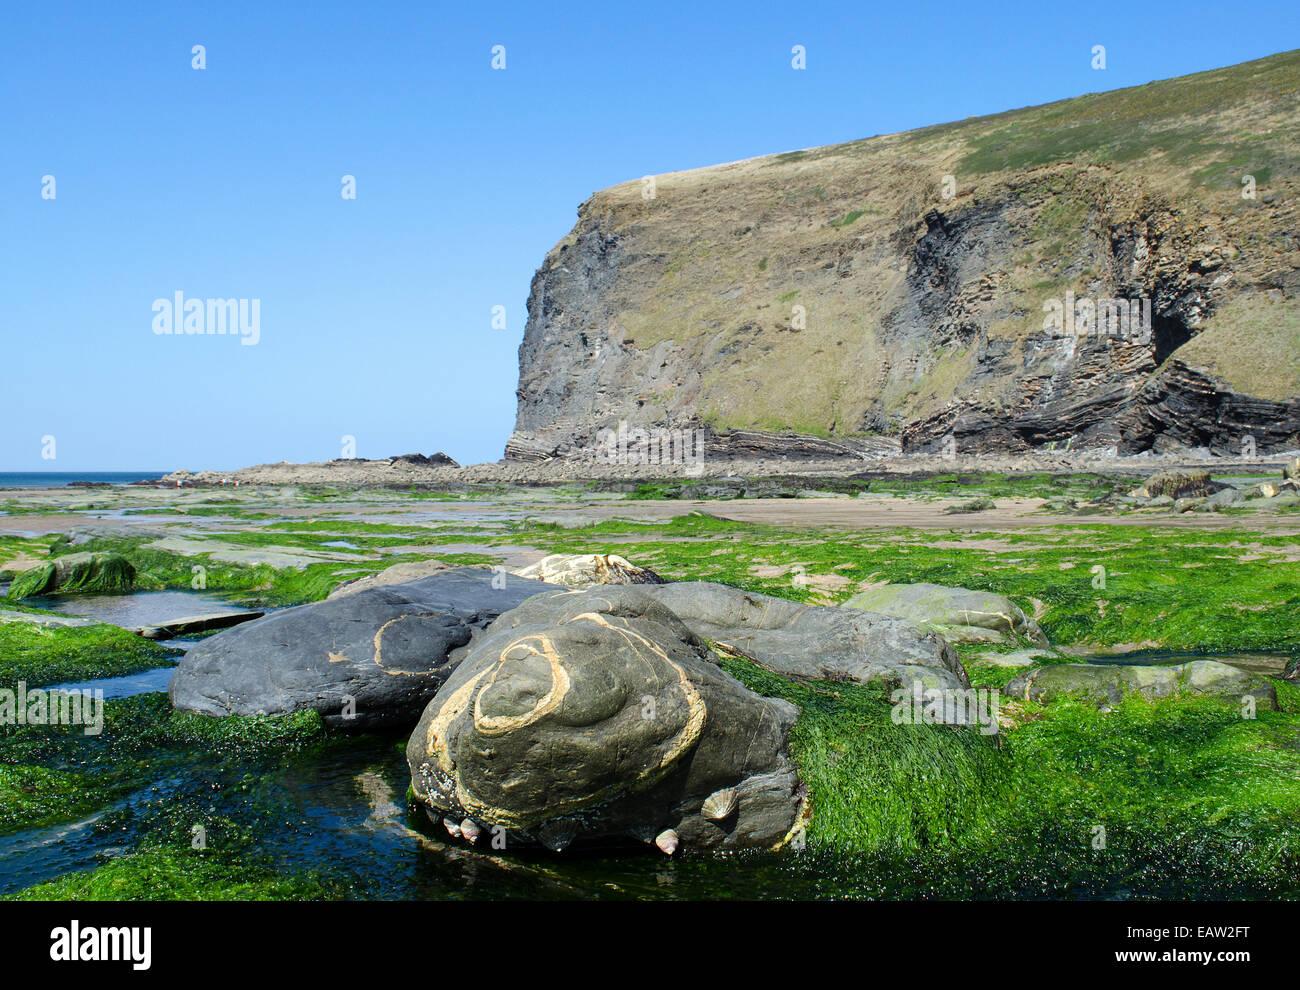 Les filons de quartz dans les roches sur la plage de Crackington Haven, Cornwall, UK Photo Stock